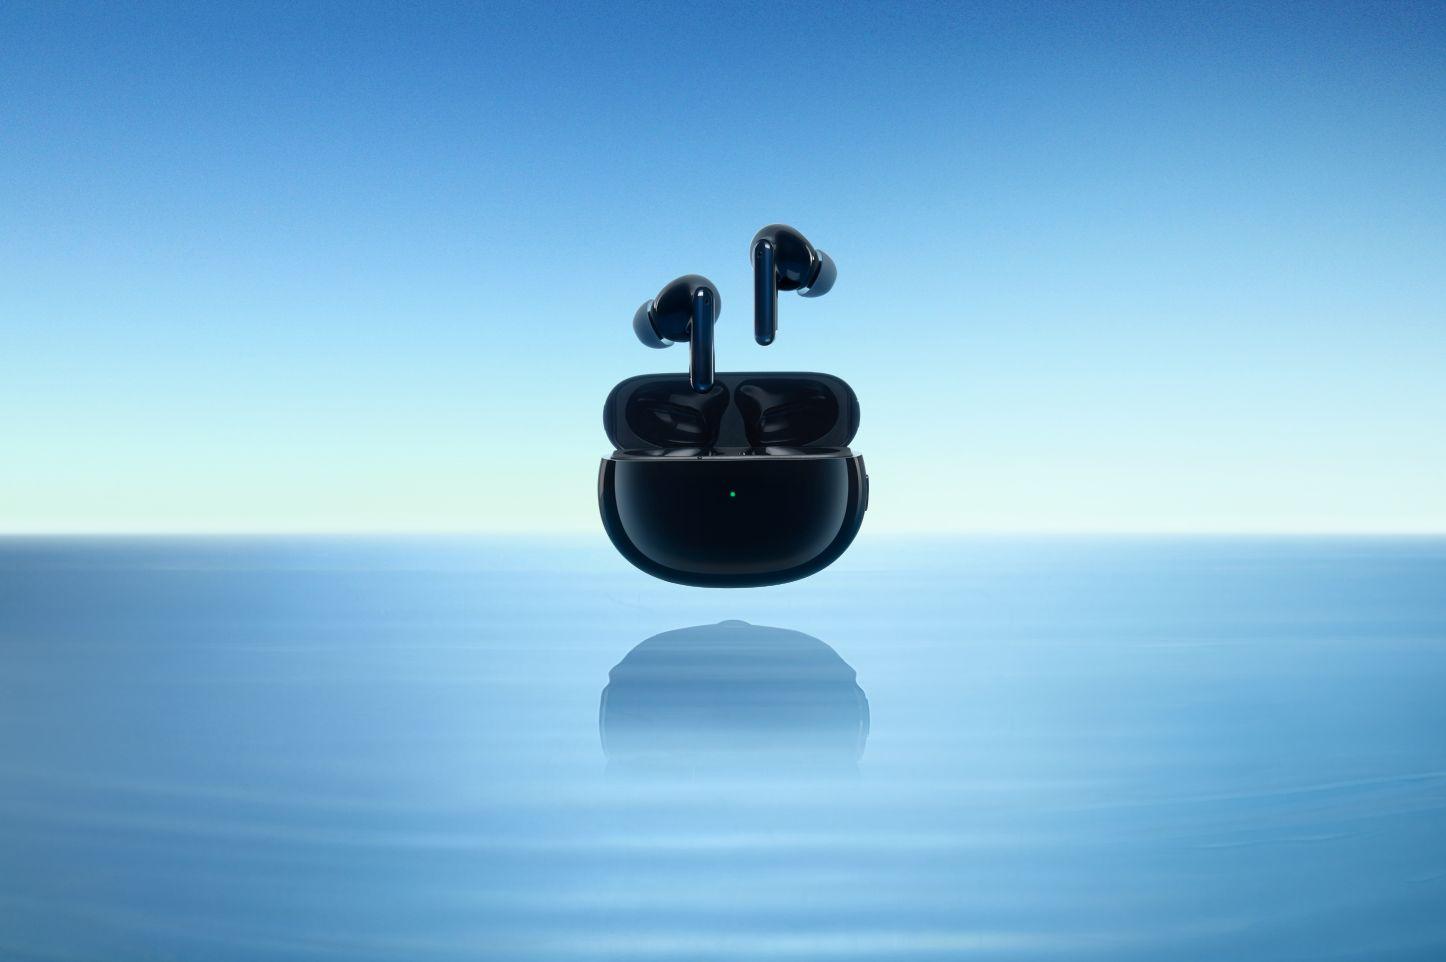 [Review] Oppo Enco X – Fon telinga nirwayar premium, berbaloi dengan harga